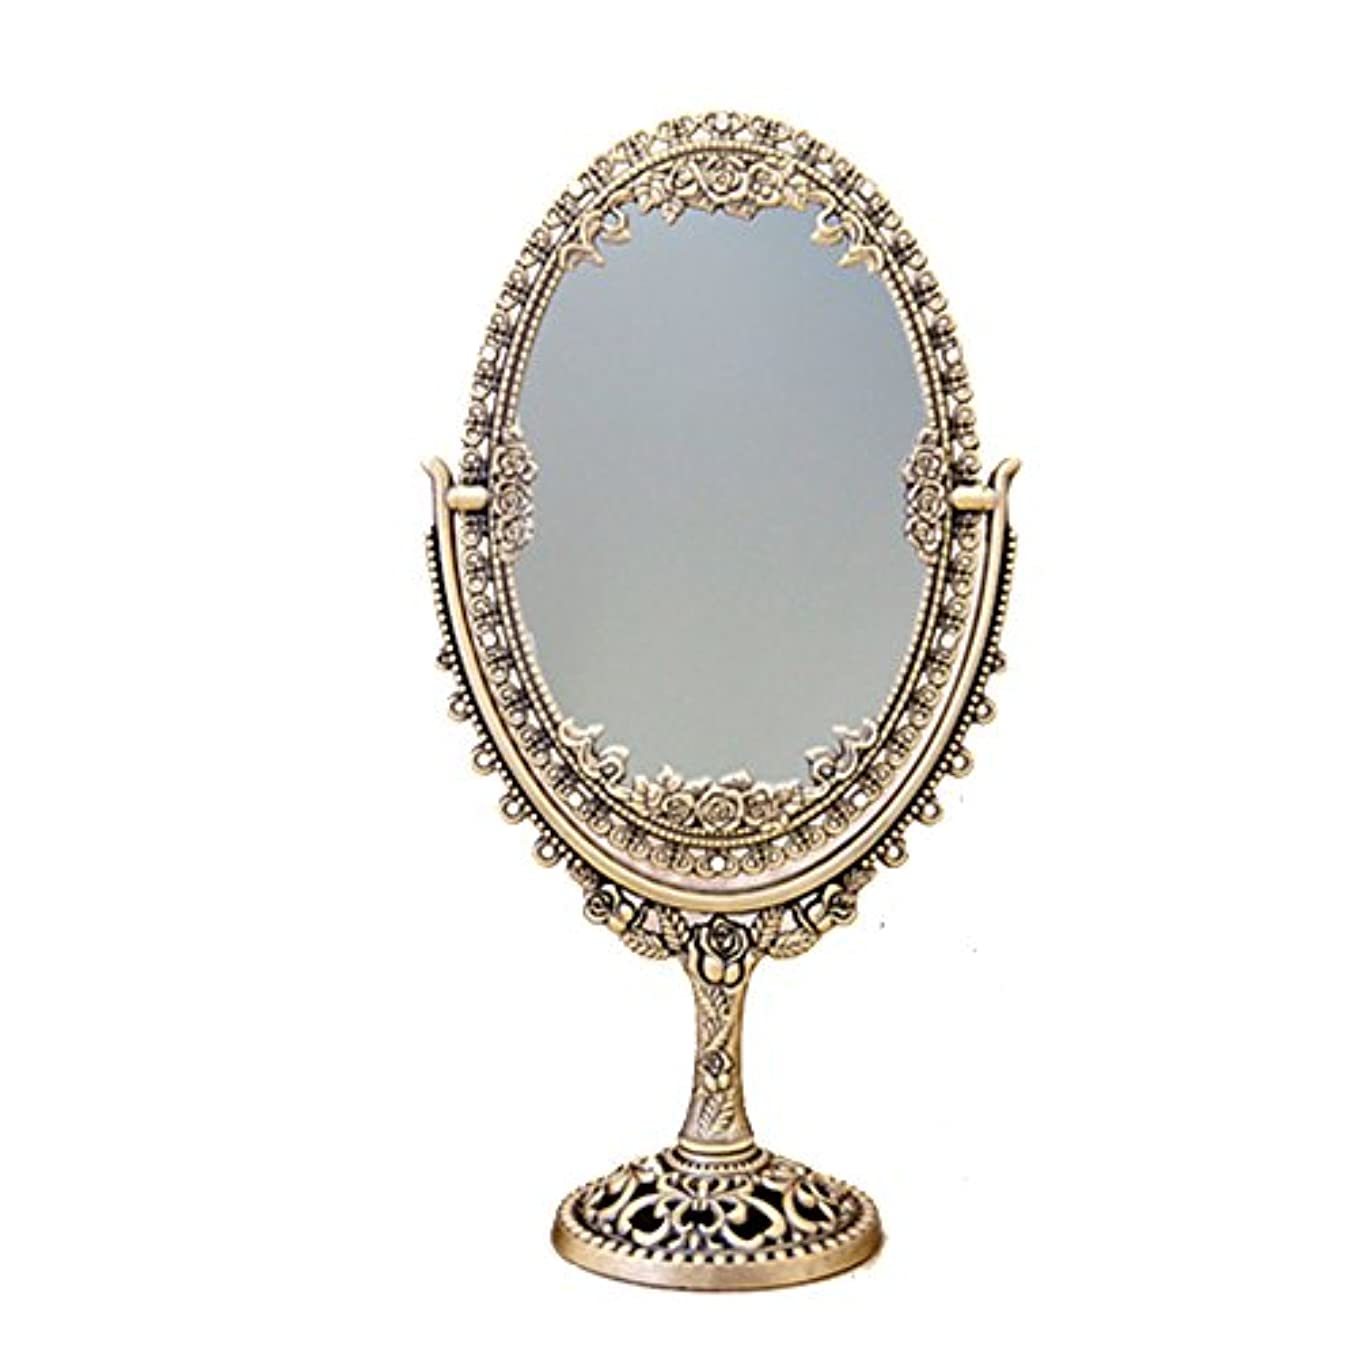 ばか最も遠いおもちゃ置き鏡 アンティーク風 アクセサリーホルダー アルテミス テーブルミラー:int-ak-sw-0920 (Brass)